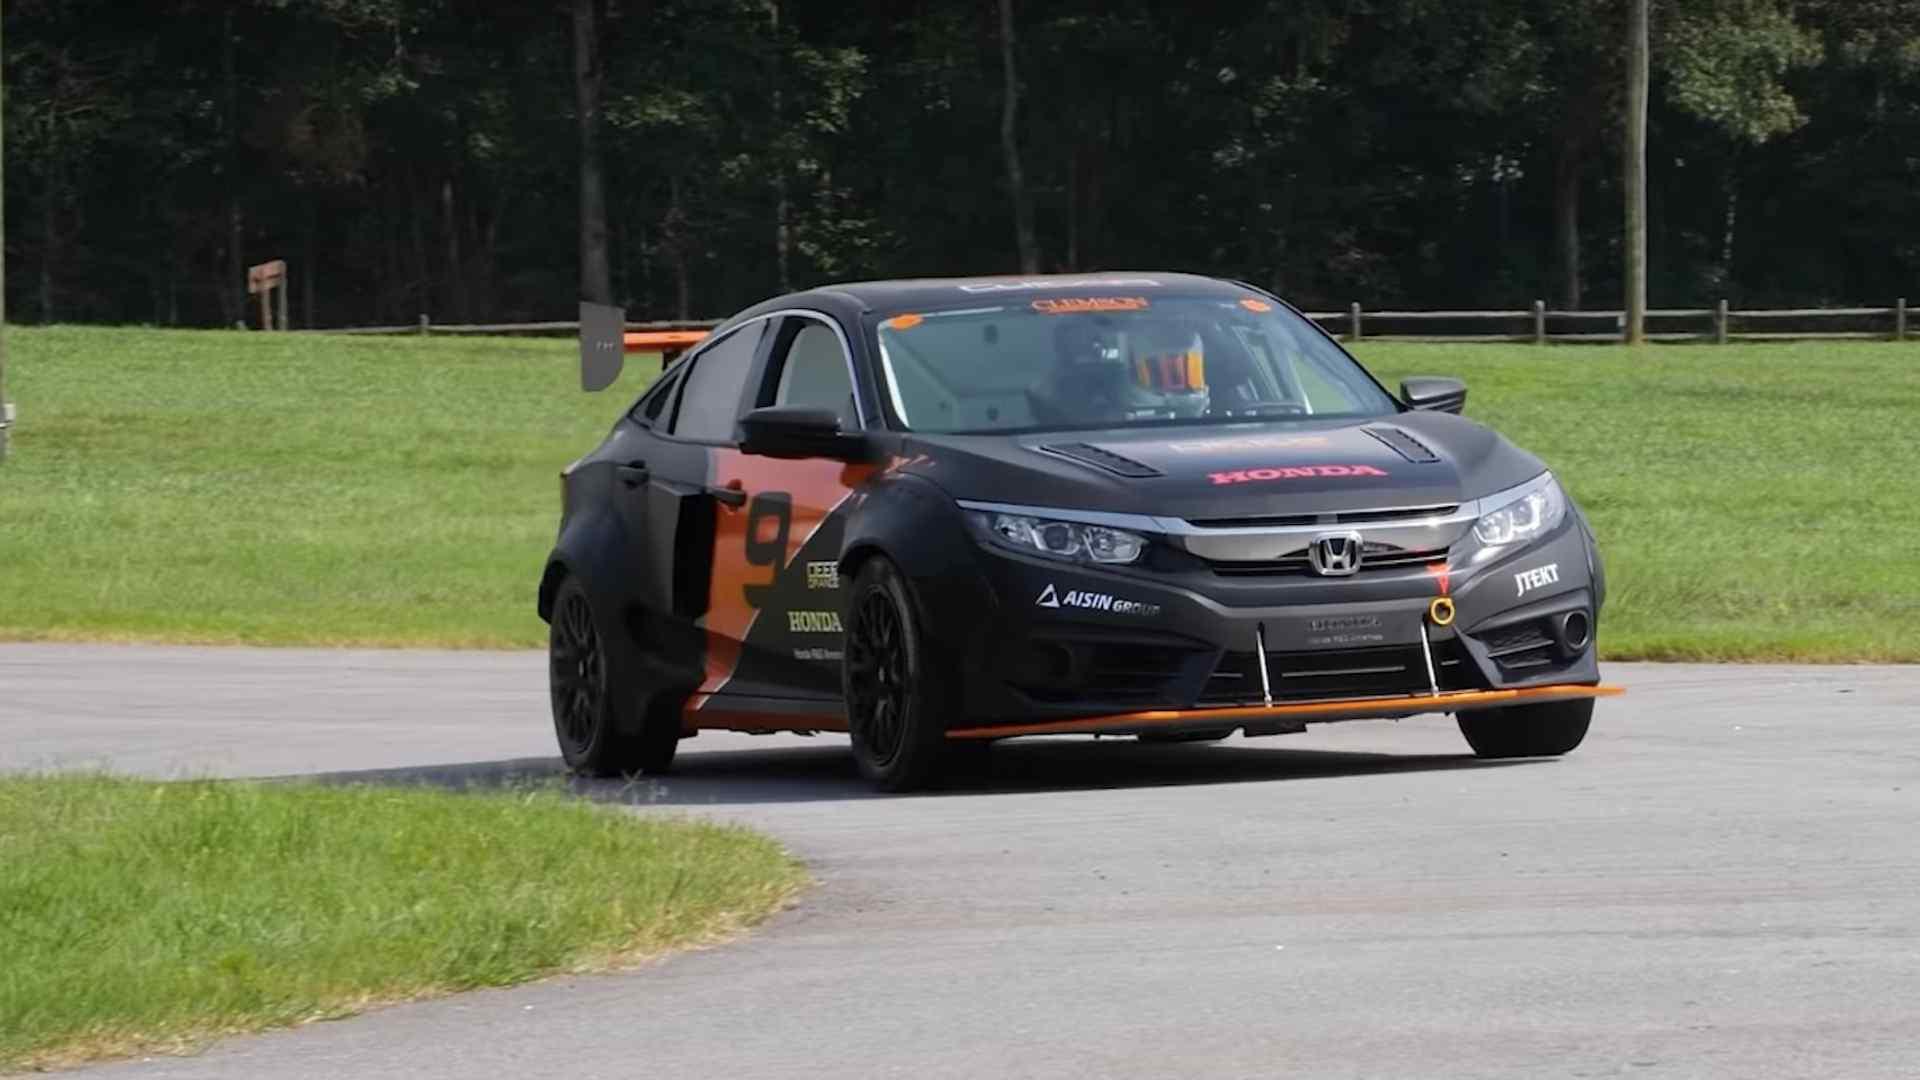 Honda Civic превратили в спорткар с разгоном как у Формулы-1